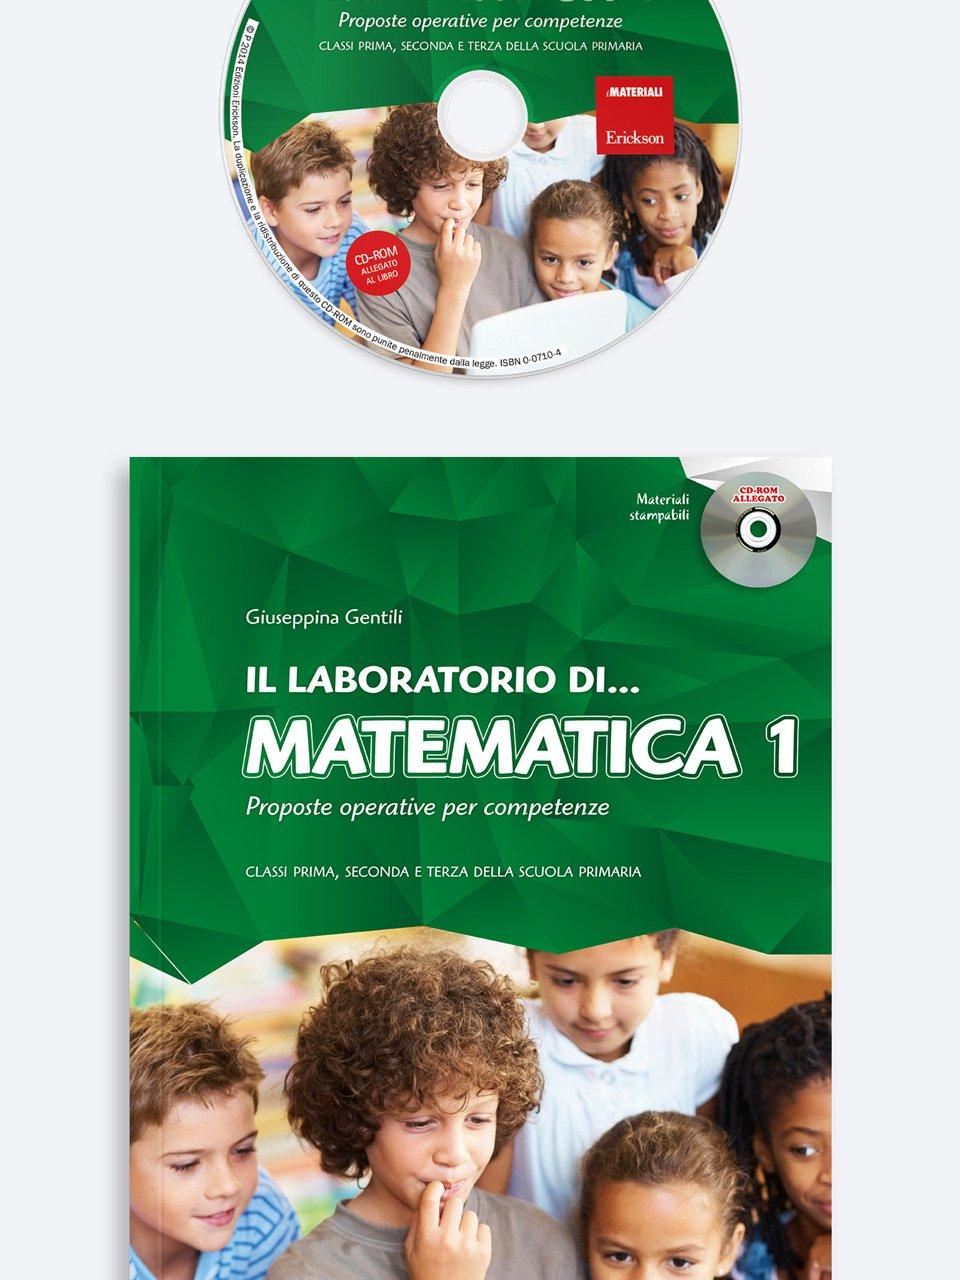 Il laboratorio di... matematica - Volume 1 - DIDA - Annata 2019-2020 - Riviste - Erickson